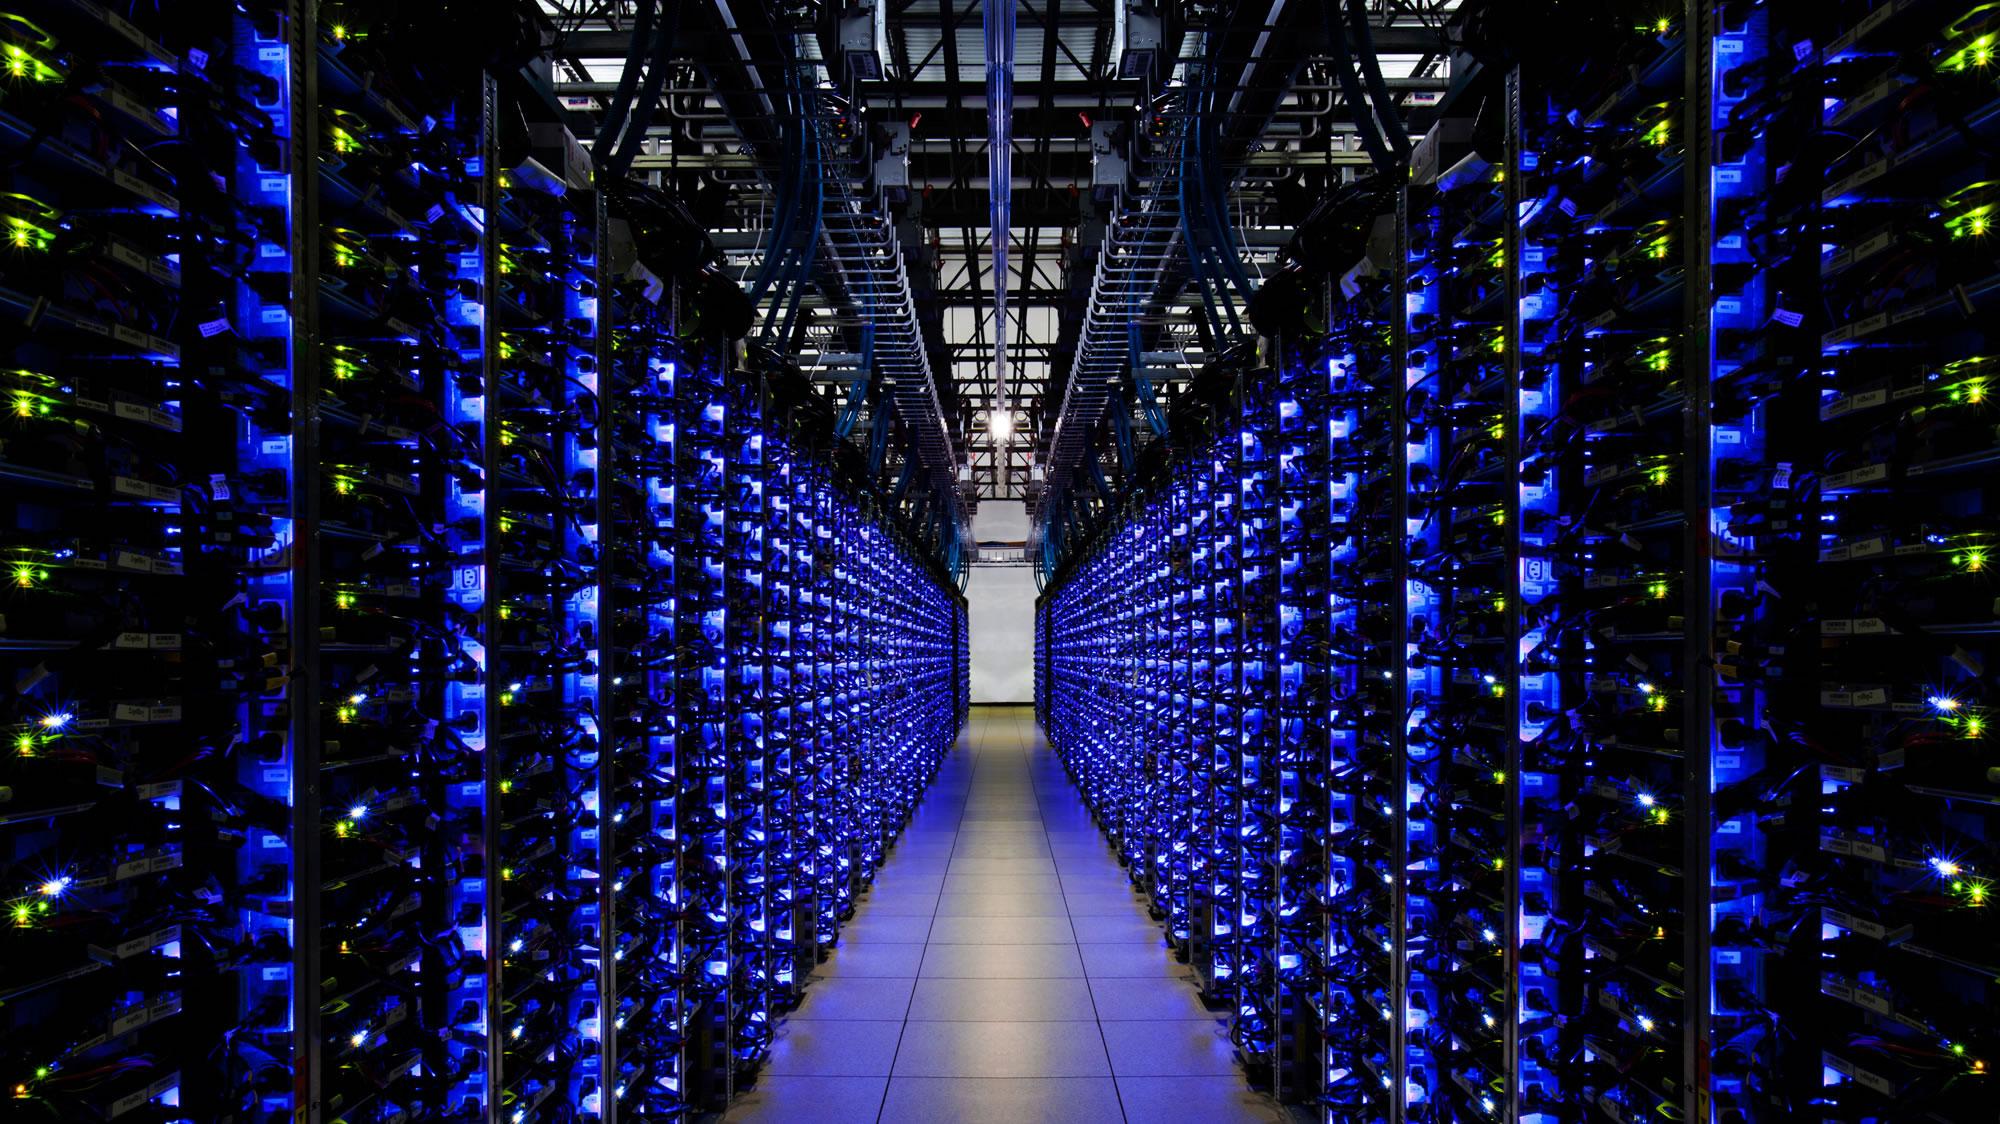 Dedicated Server Là Gì? Tìm Hiểu Về Dedicated Server Là Gì?